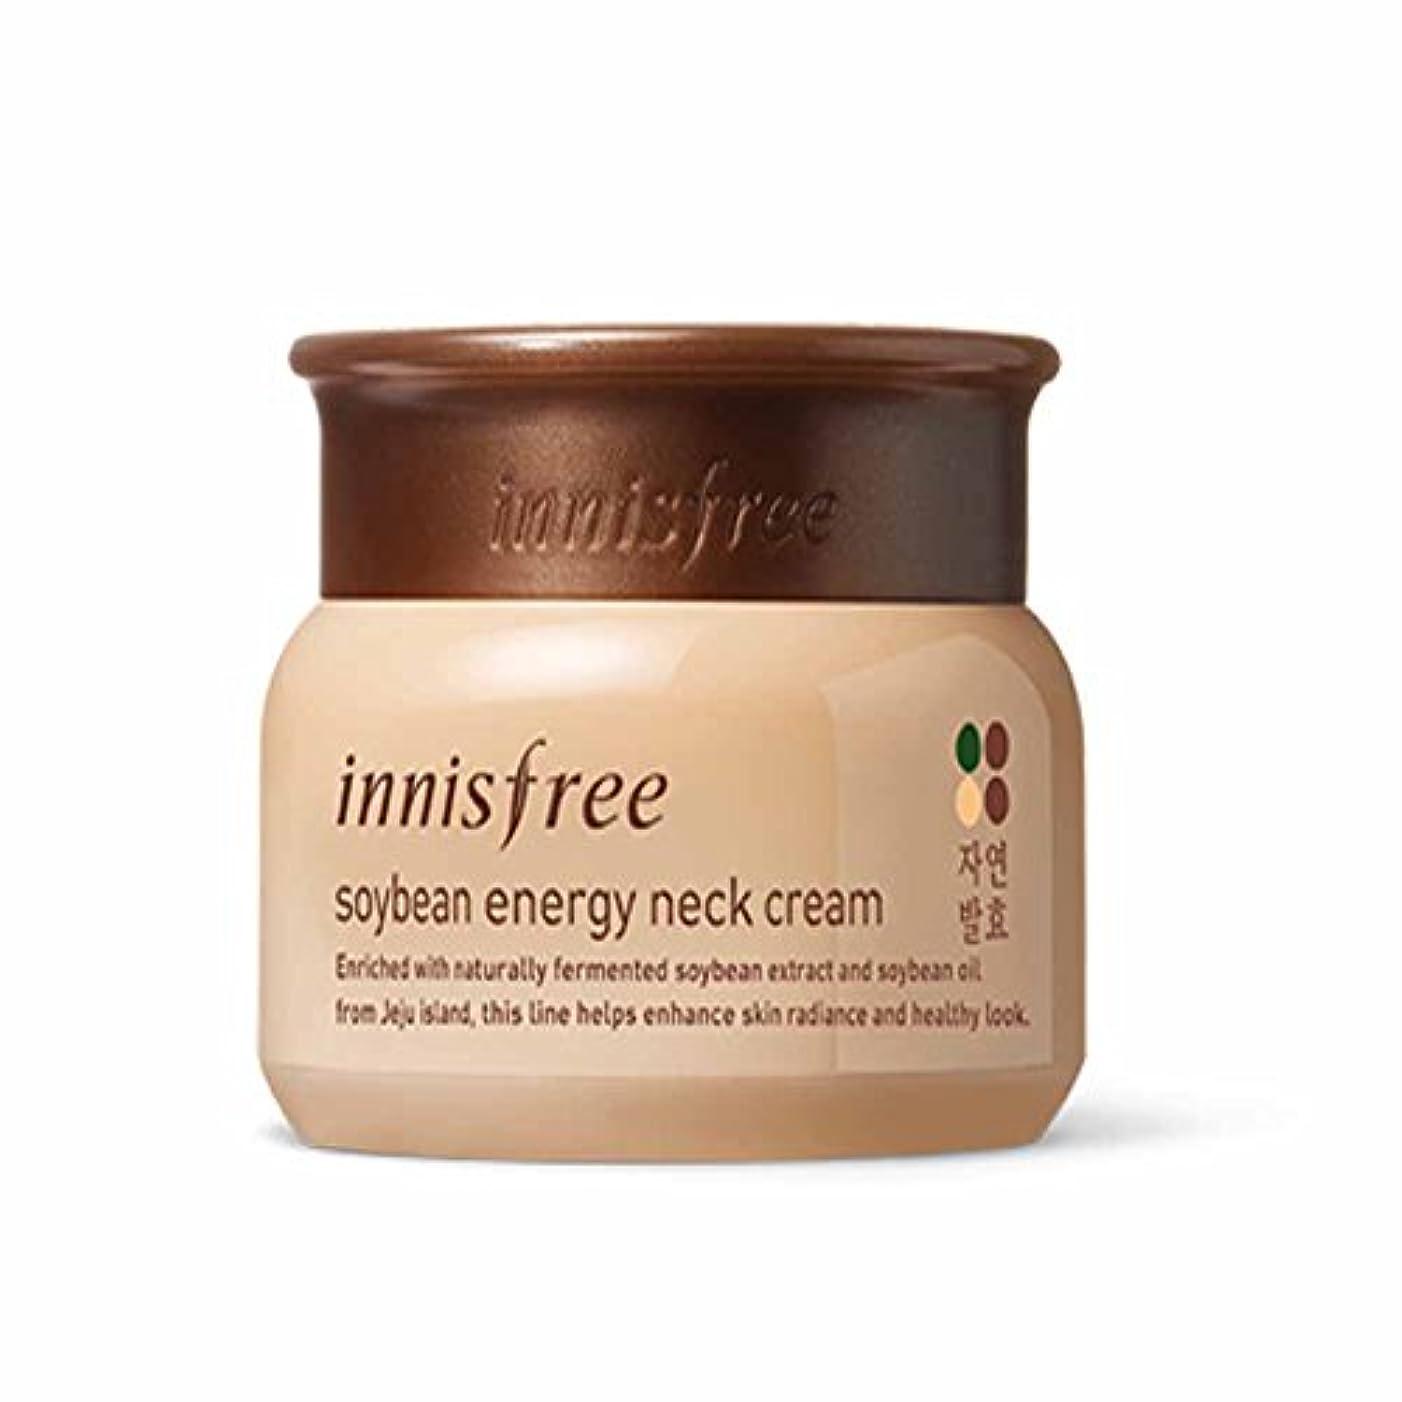 シネマ北消毒するイニスフリーソーイングエナジーネッククリーム80ml / Innisfree Soybean Energy Neck Cream 80ml[海外直送品] [並行輸入品]